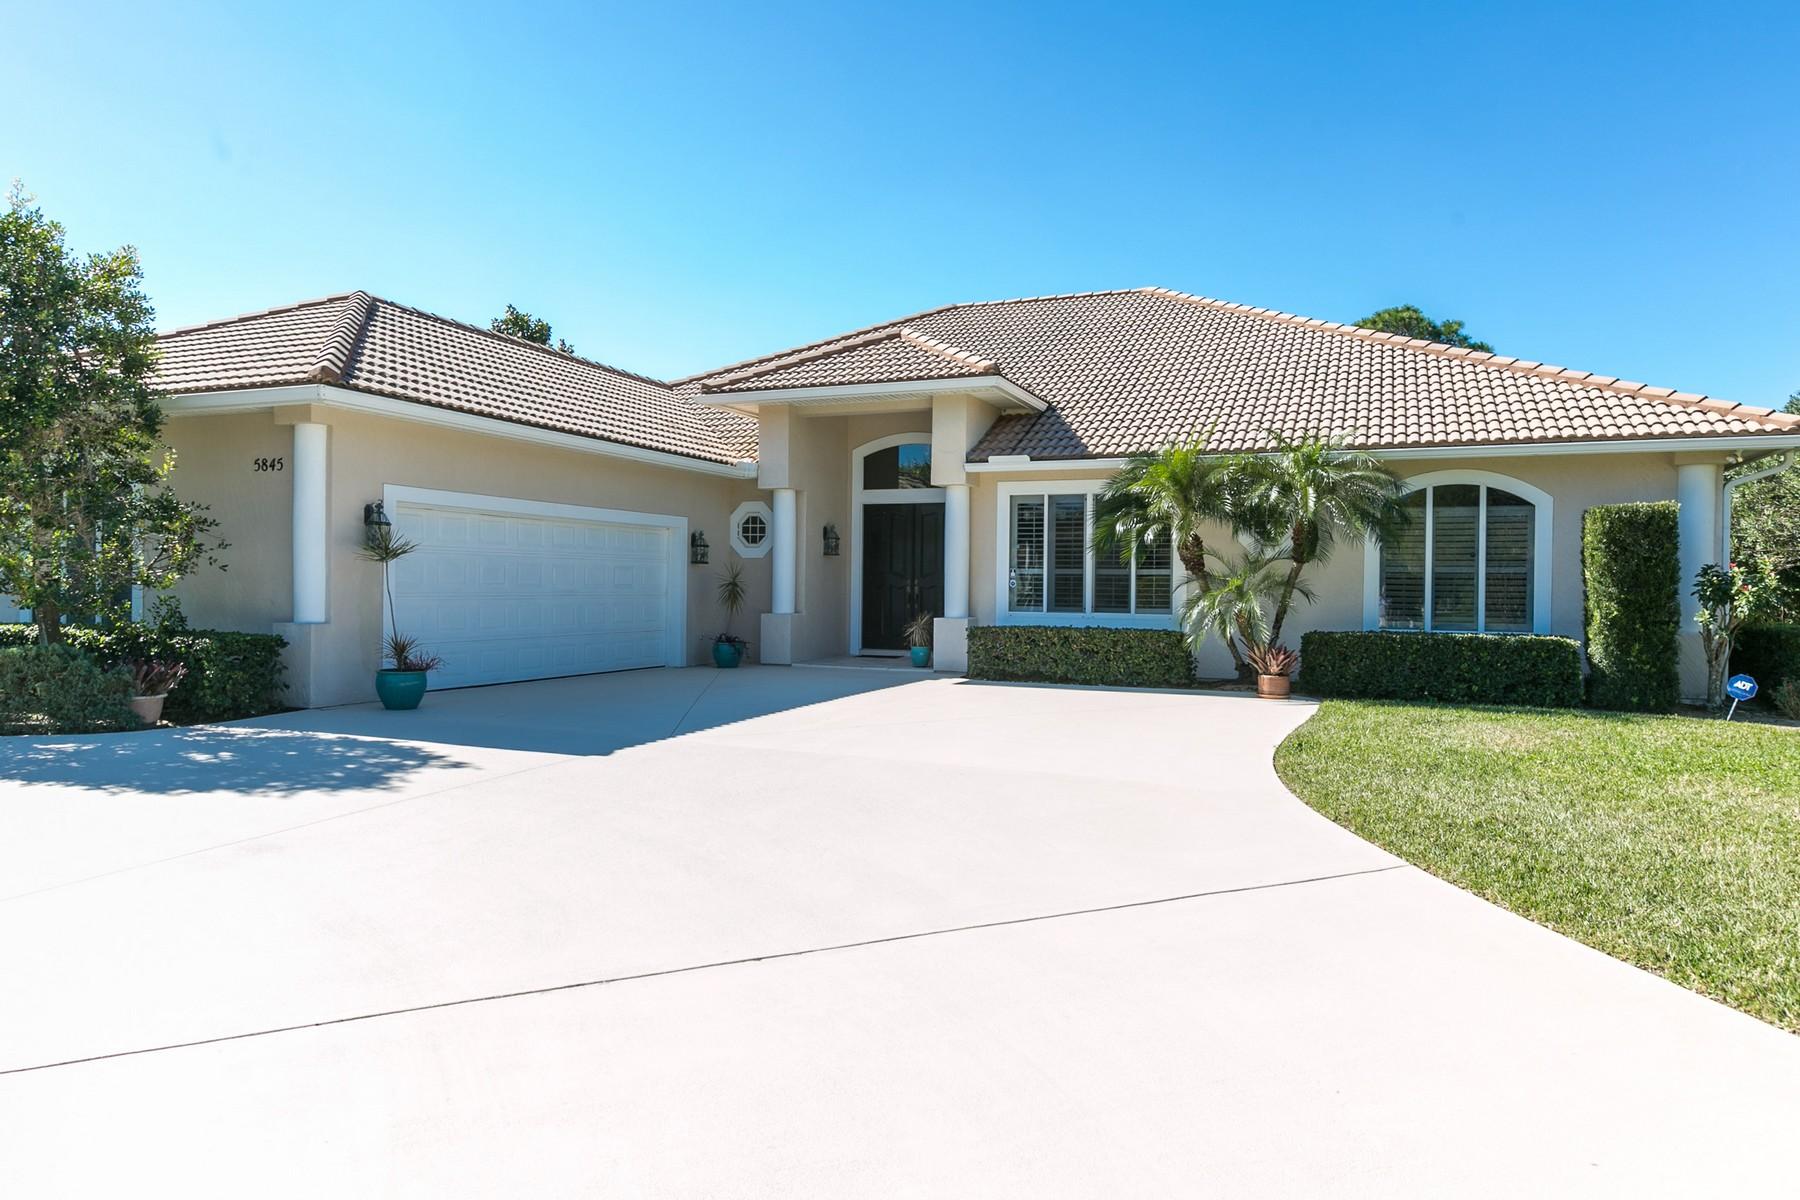 独户住宅 为 销售 在 Pool Home in Bent Pine 5845 Turnberry Lane 维罗海滩, 佛罗里达州, 32967 美国